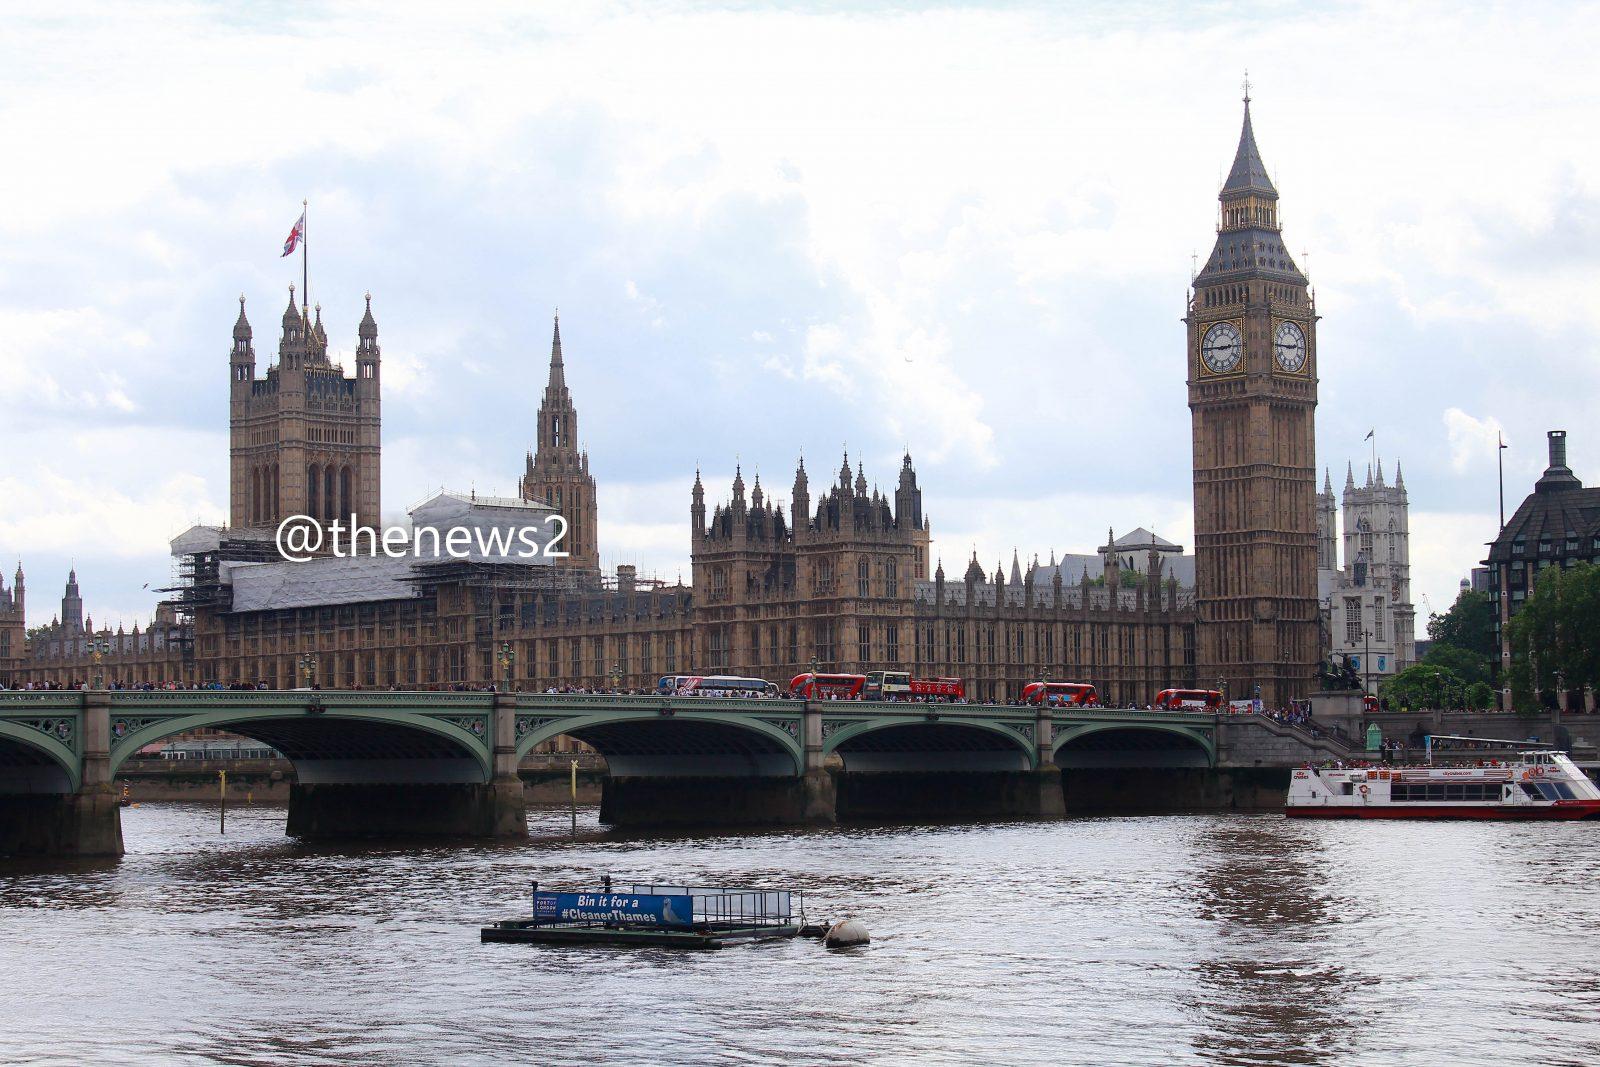 Deadly Terrorist Attack In London